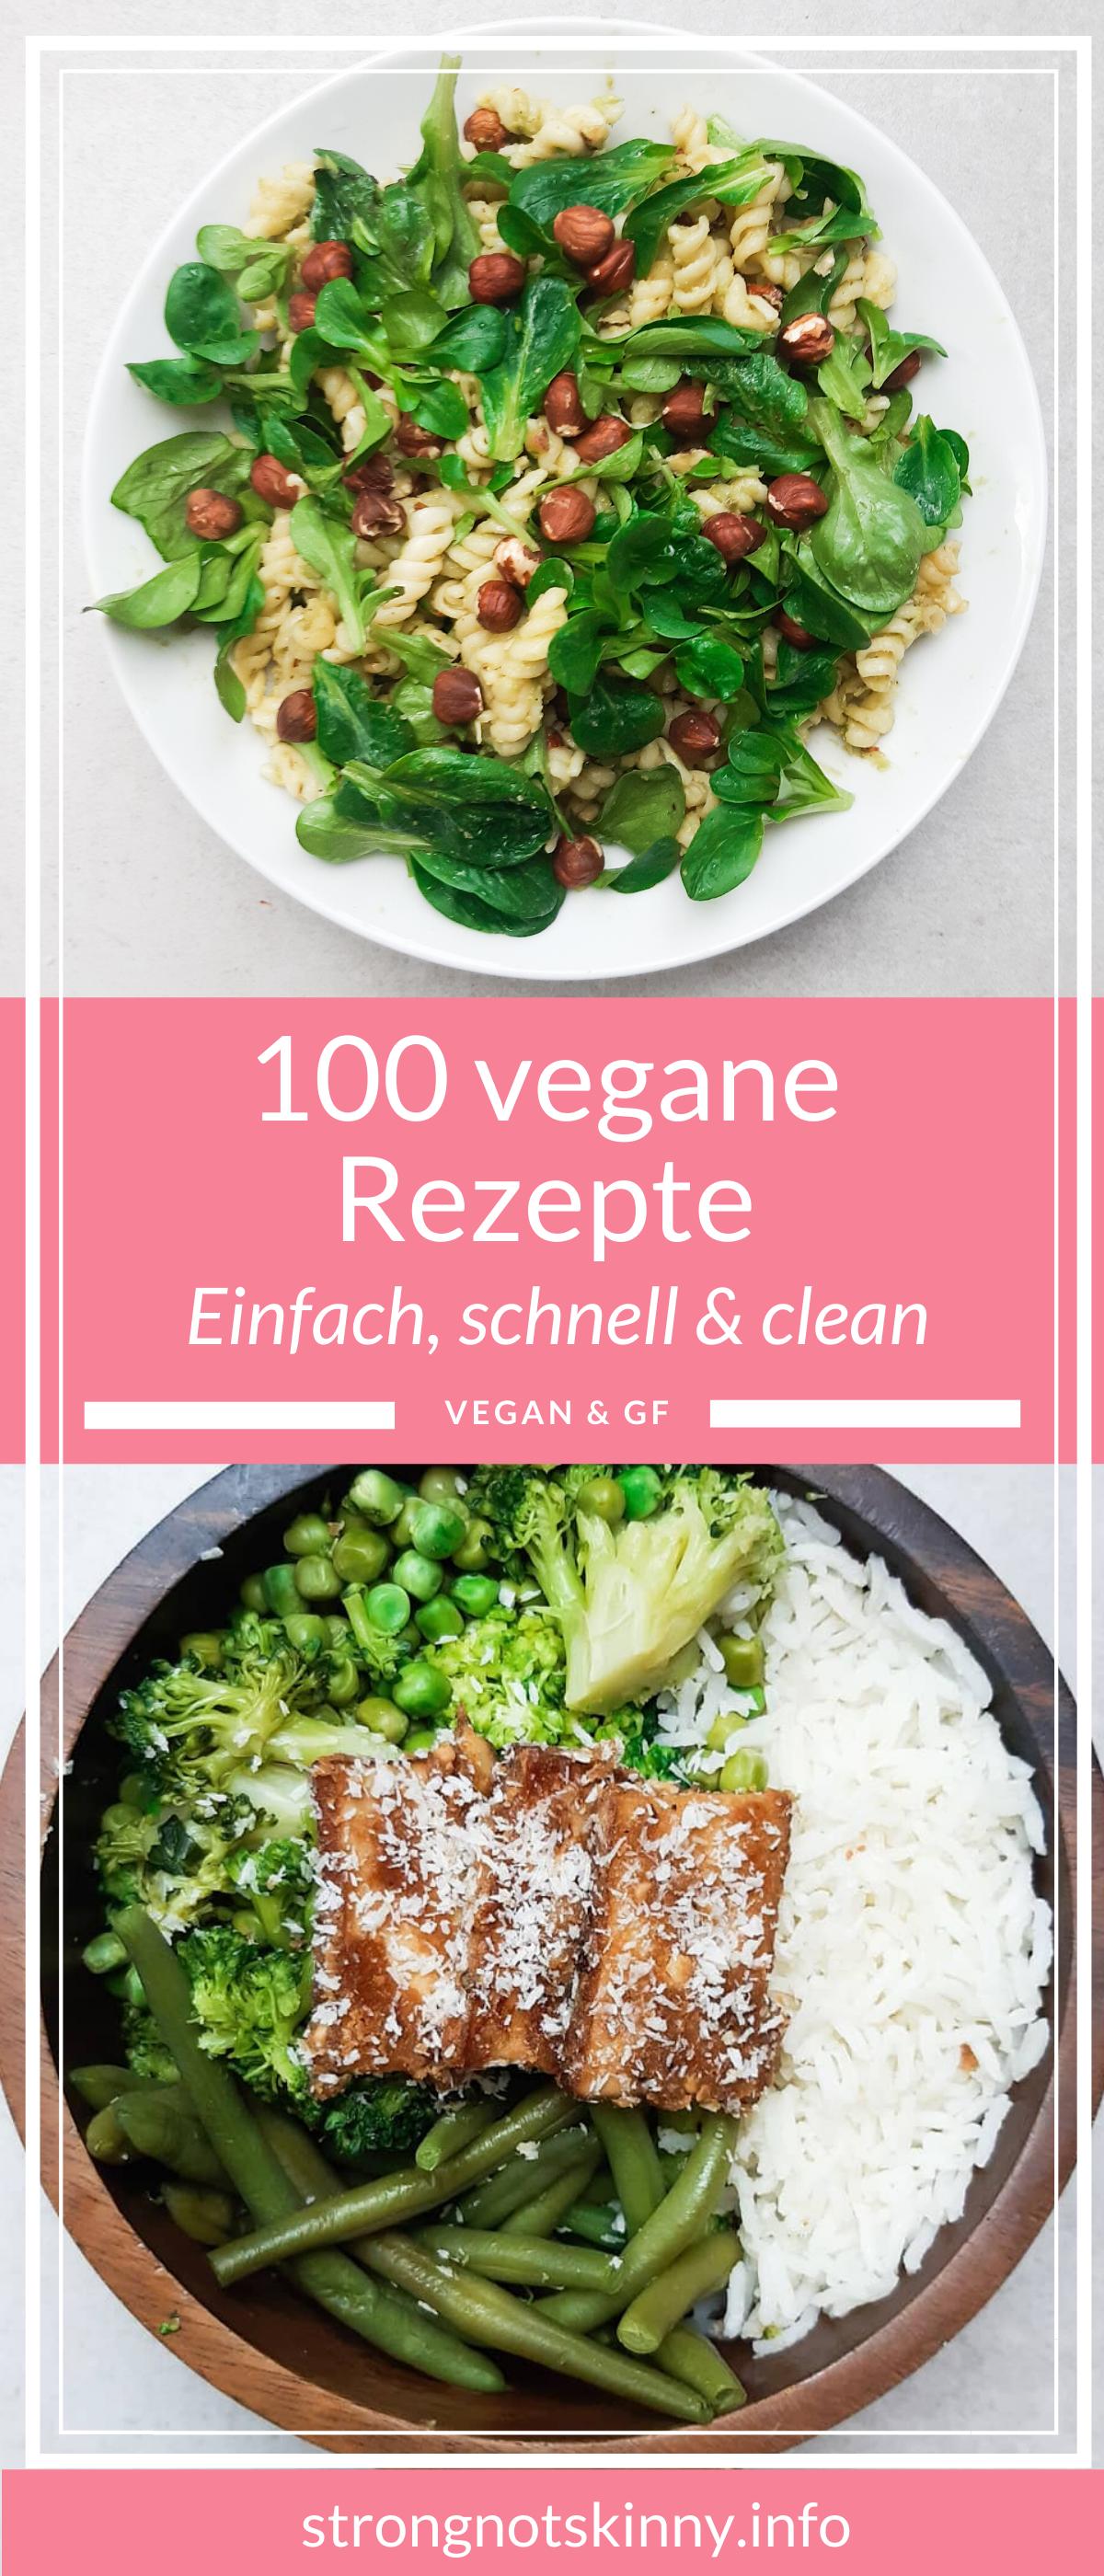 Vegan Abnehmen 100 Einfache Schnelle Rezepte In 2020 Rezepte Vegane Rezepte Einfach Leckere Vegane Rezepte